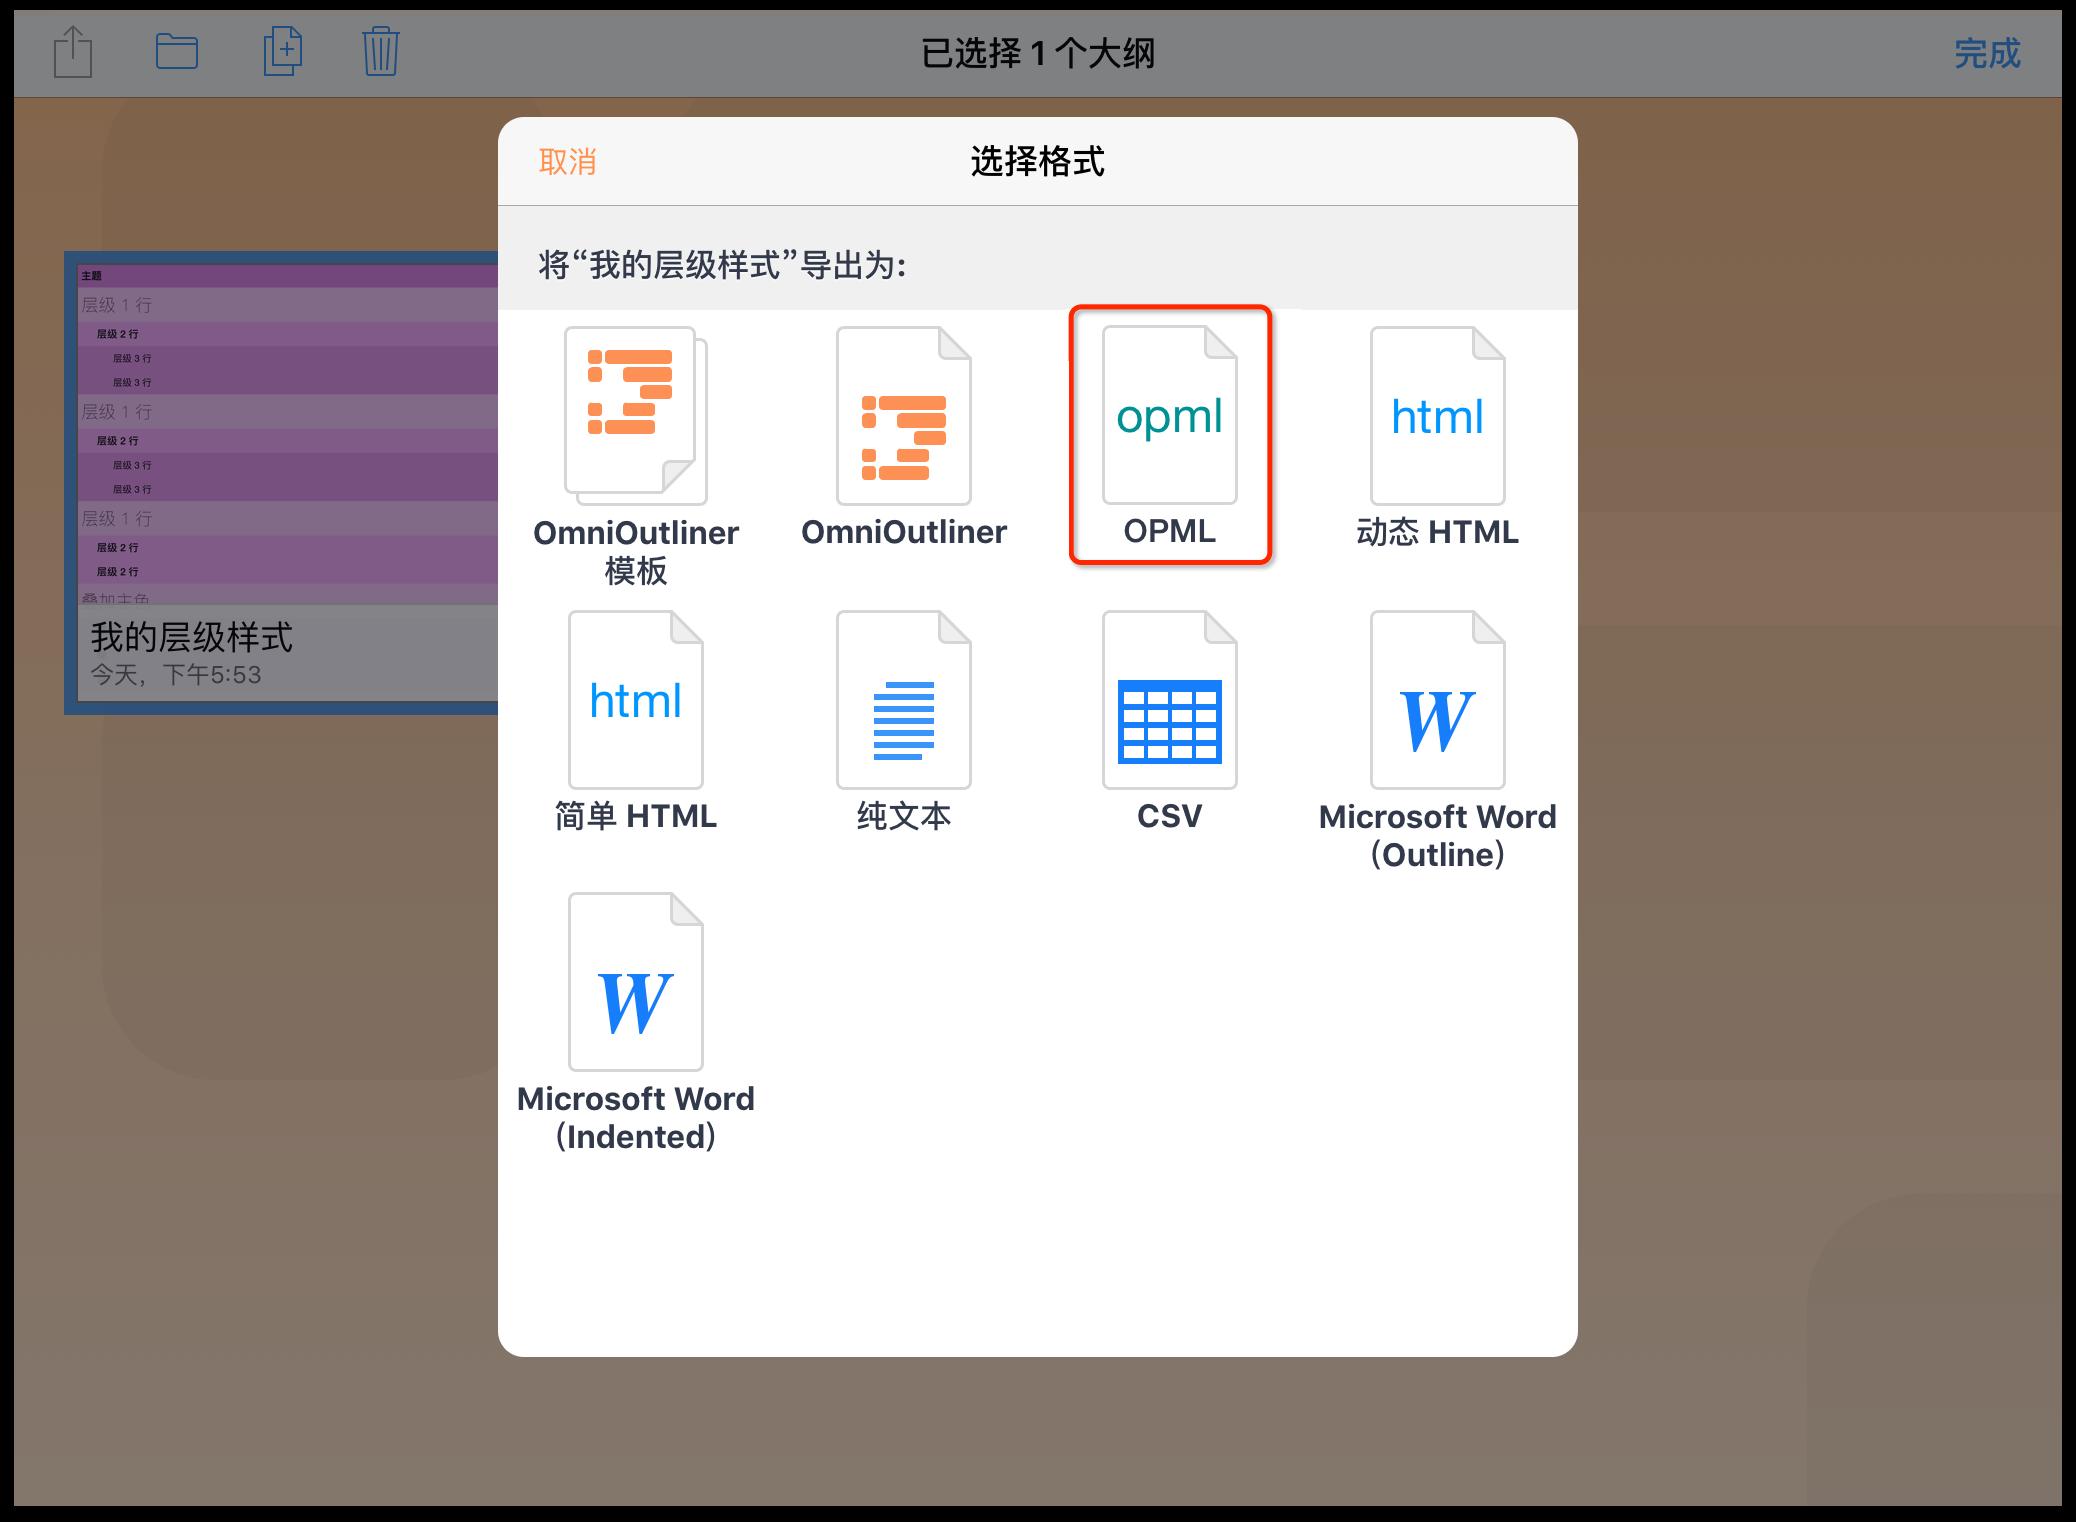 轻按 OPML 文件图标,将大纲输出为 OPML 文稿